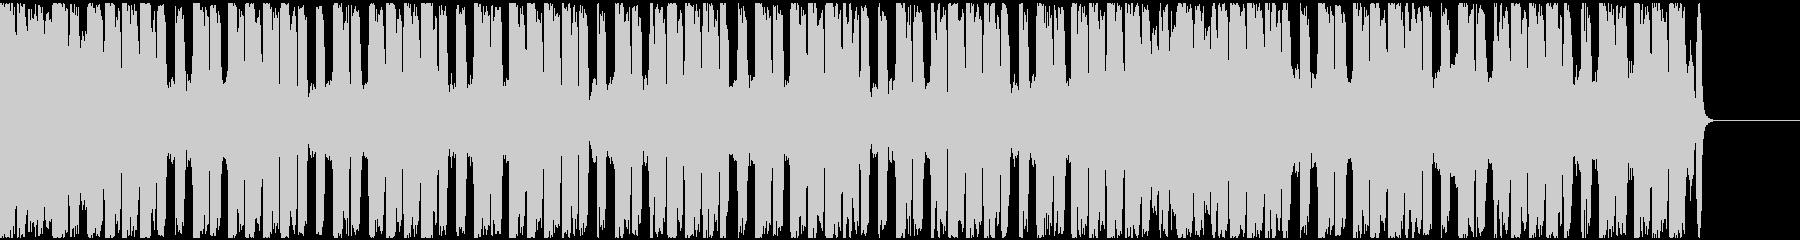 【フューチャーベース】4、ミディアム1の未再生の波形